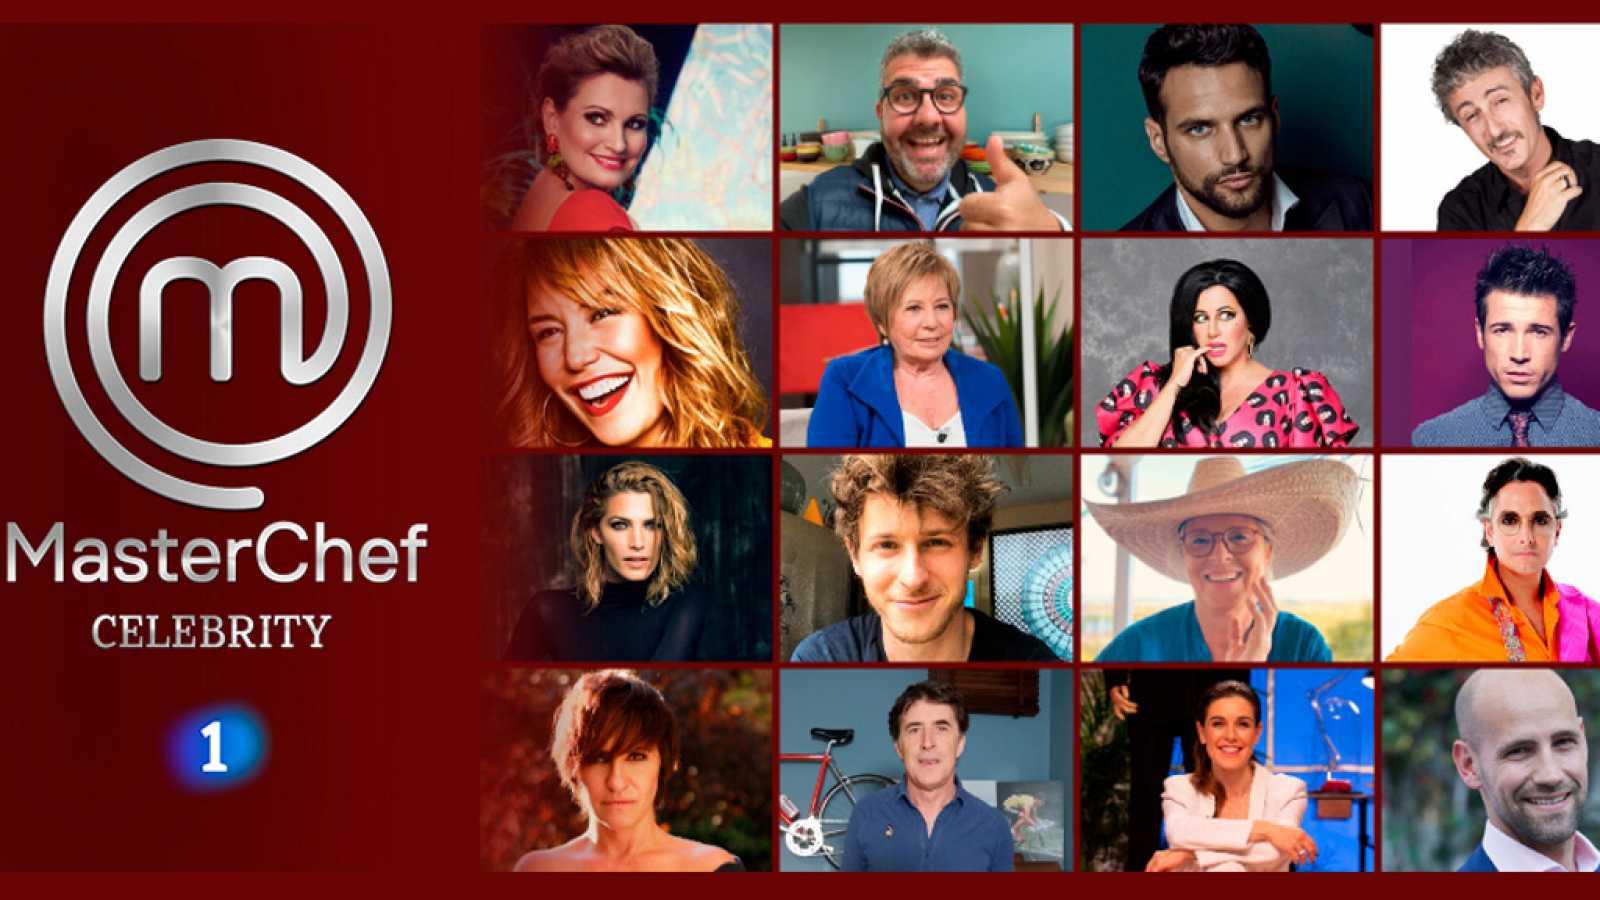 La Pera Conferencia del Bierzo, una celebridad en el programa de Masterchef Celebrity de mañana lunes 1